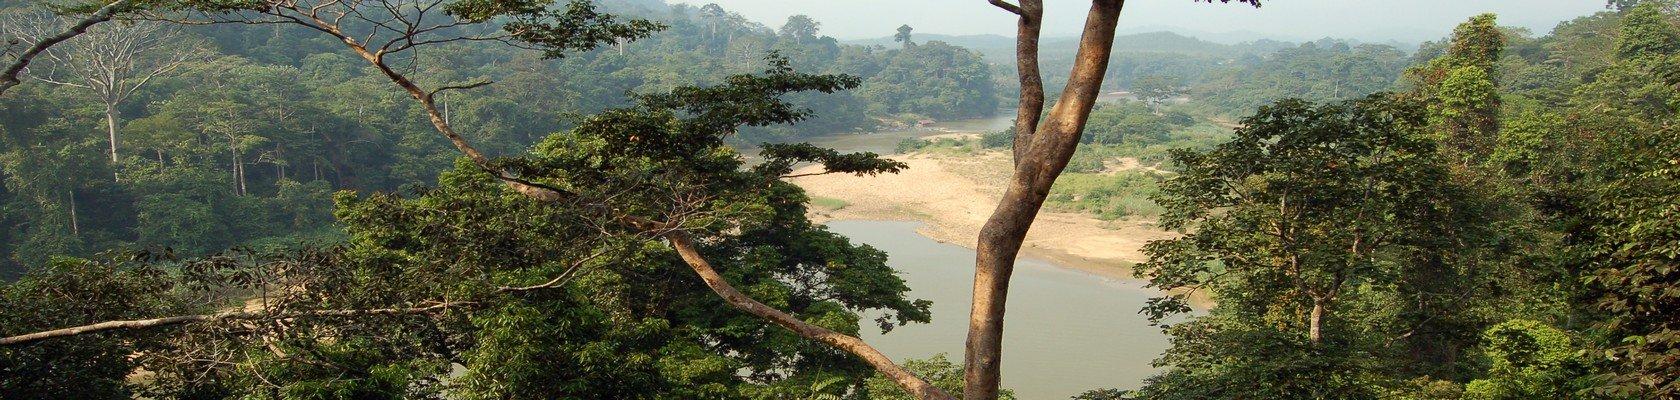 Logeren in het regenwoud, Taman Negara